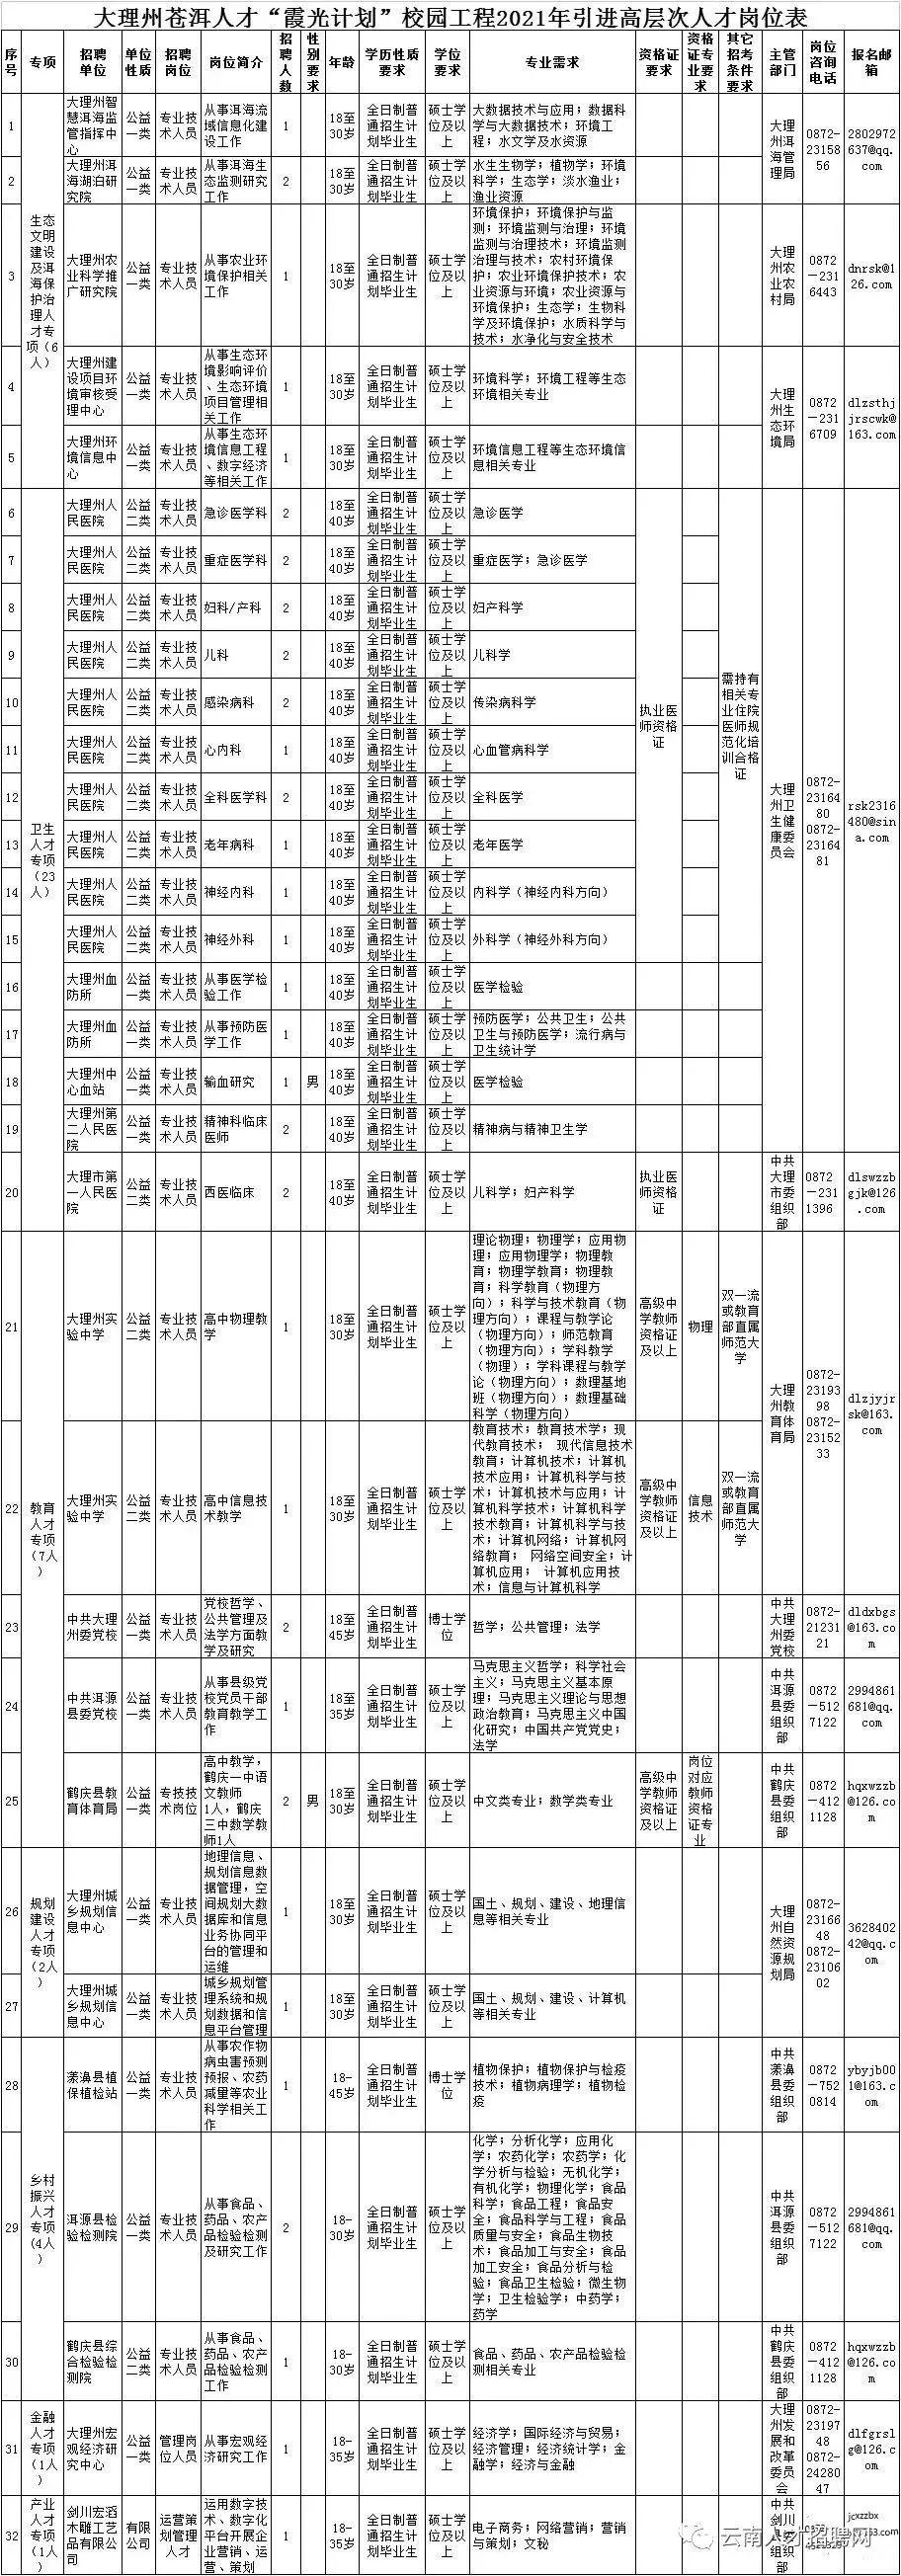 云南又一批事业单位招聘1.jpg